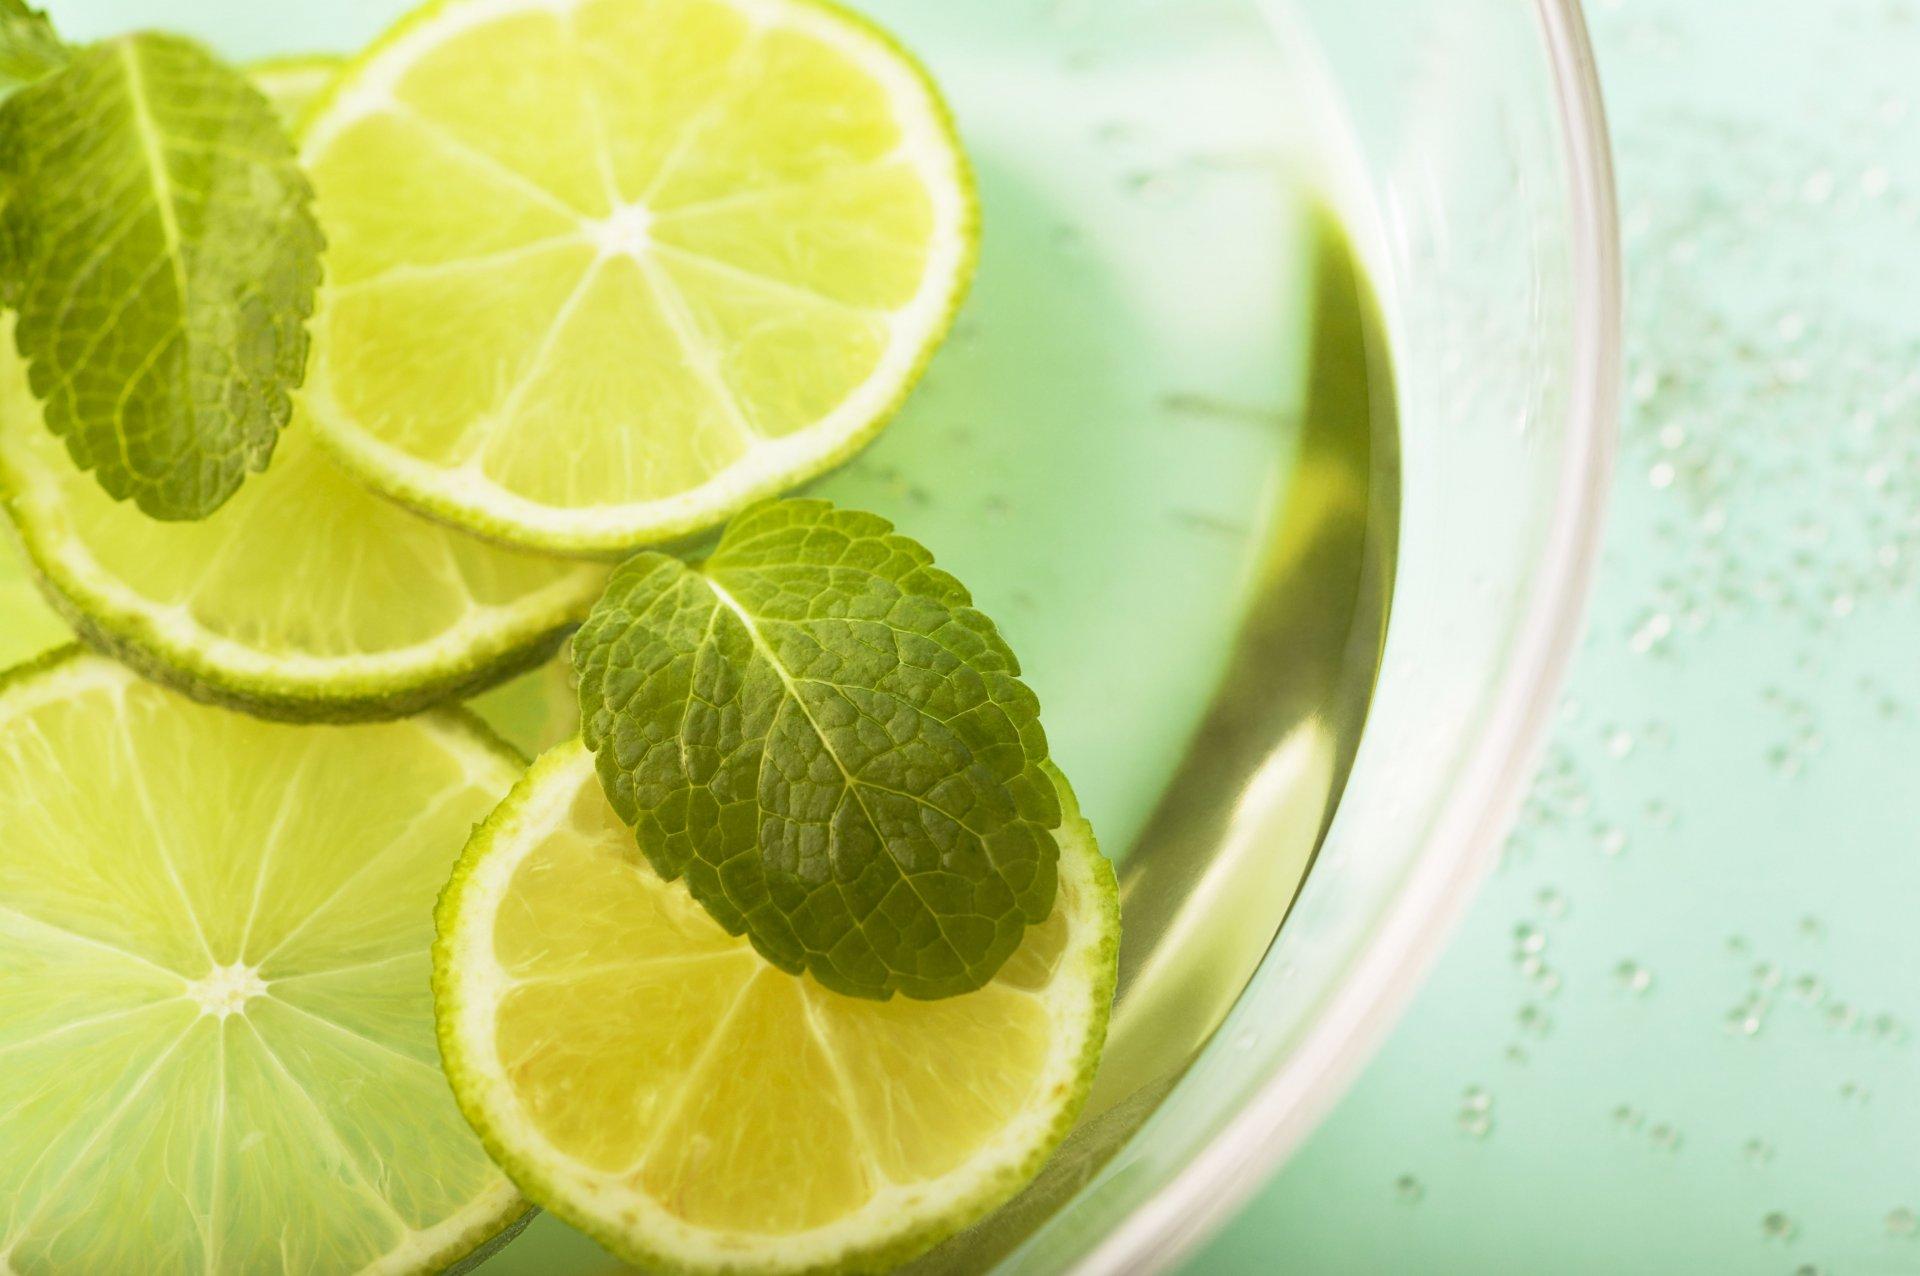 Дольки лимона в стакане  № 3698165 без смс